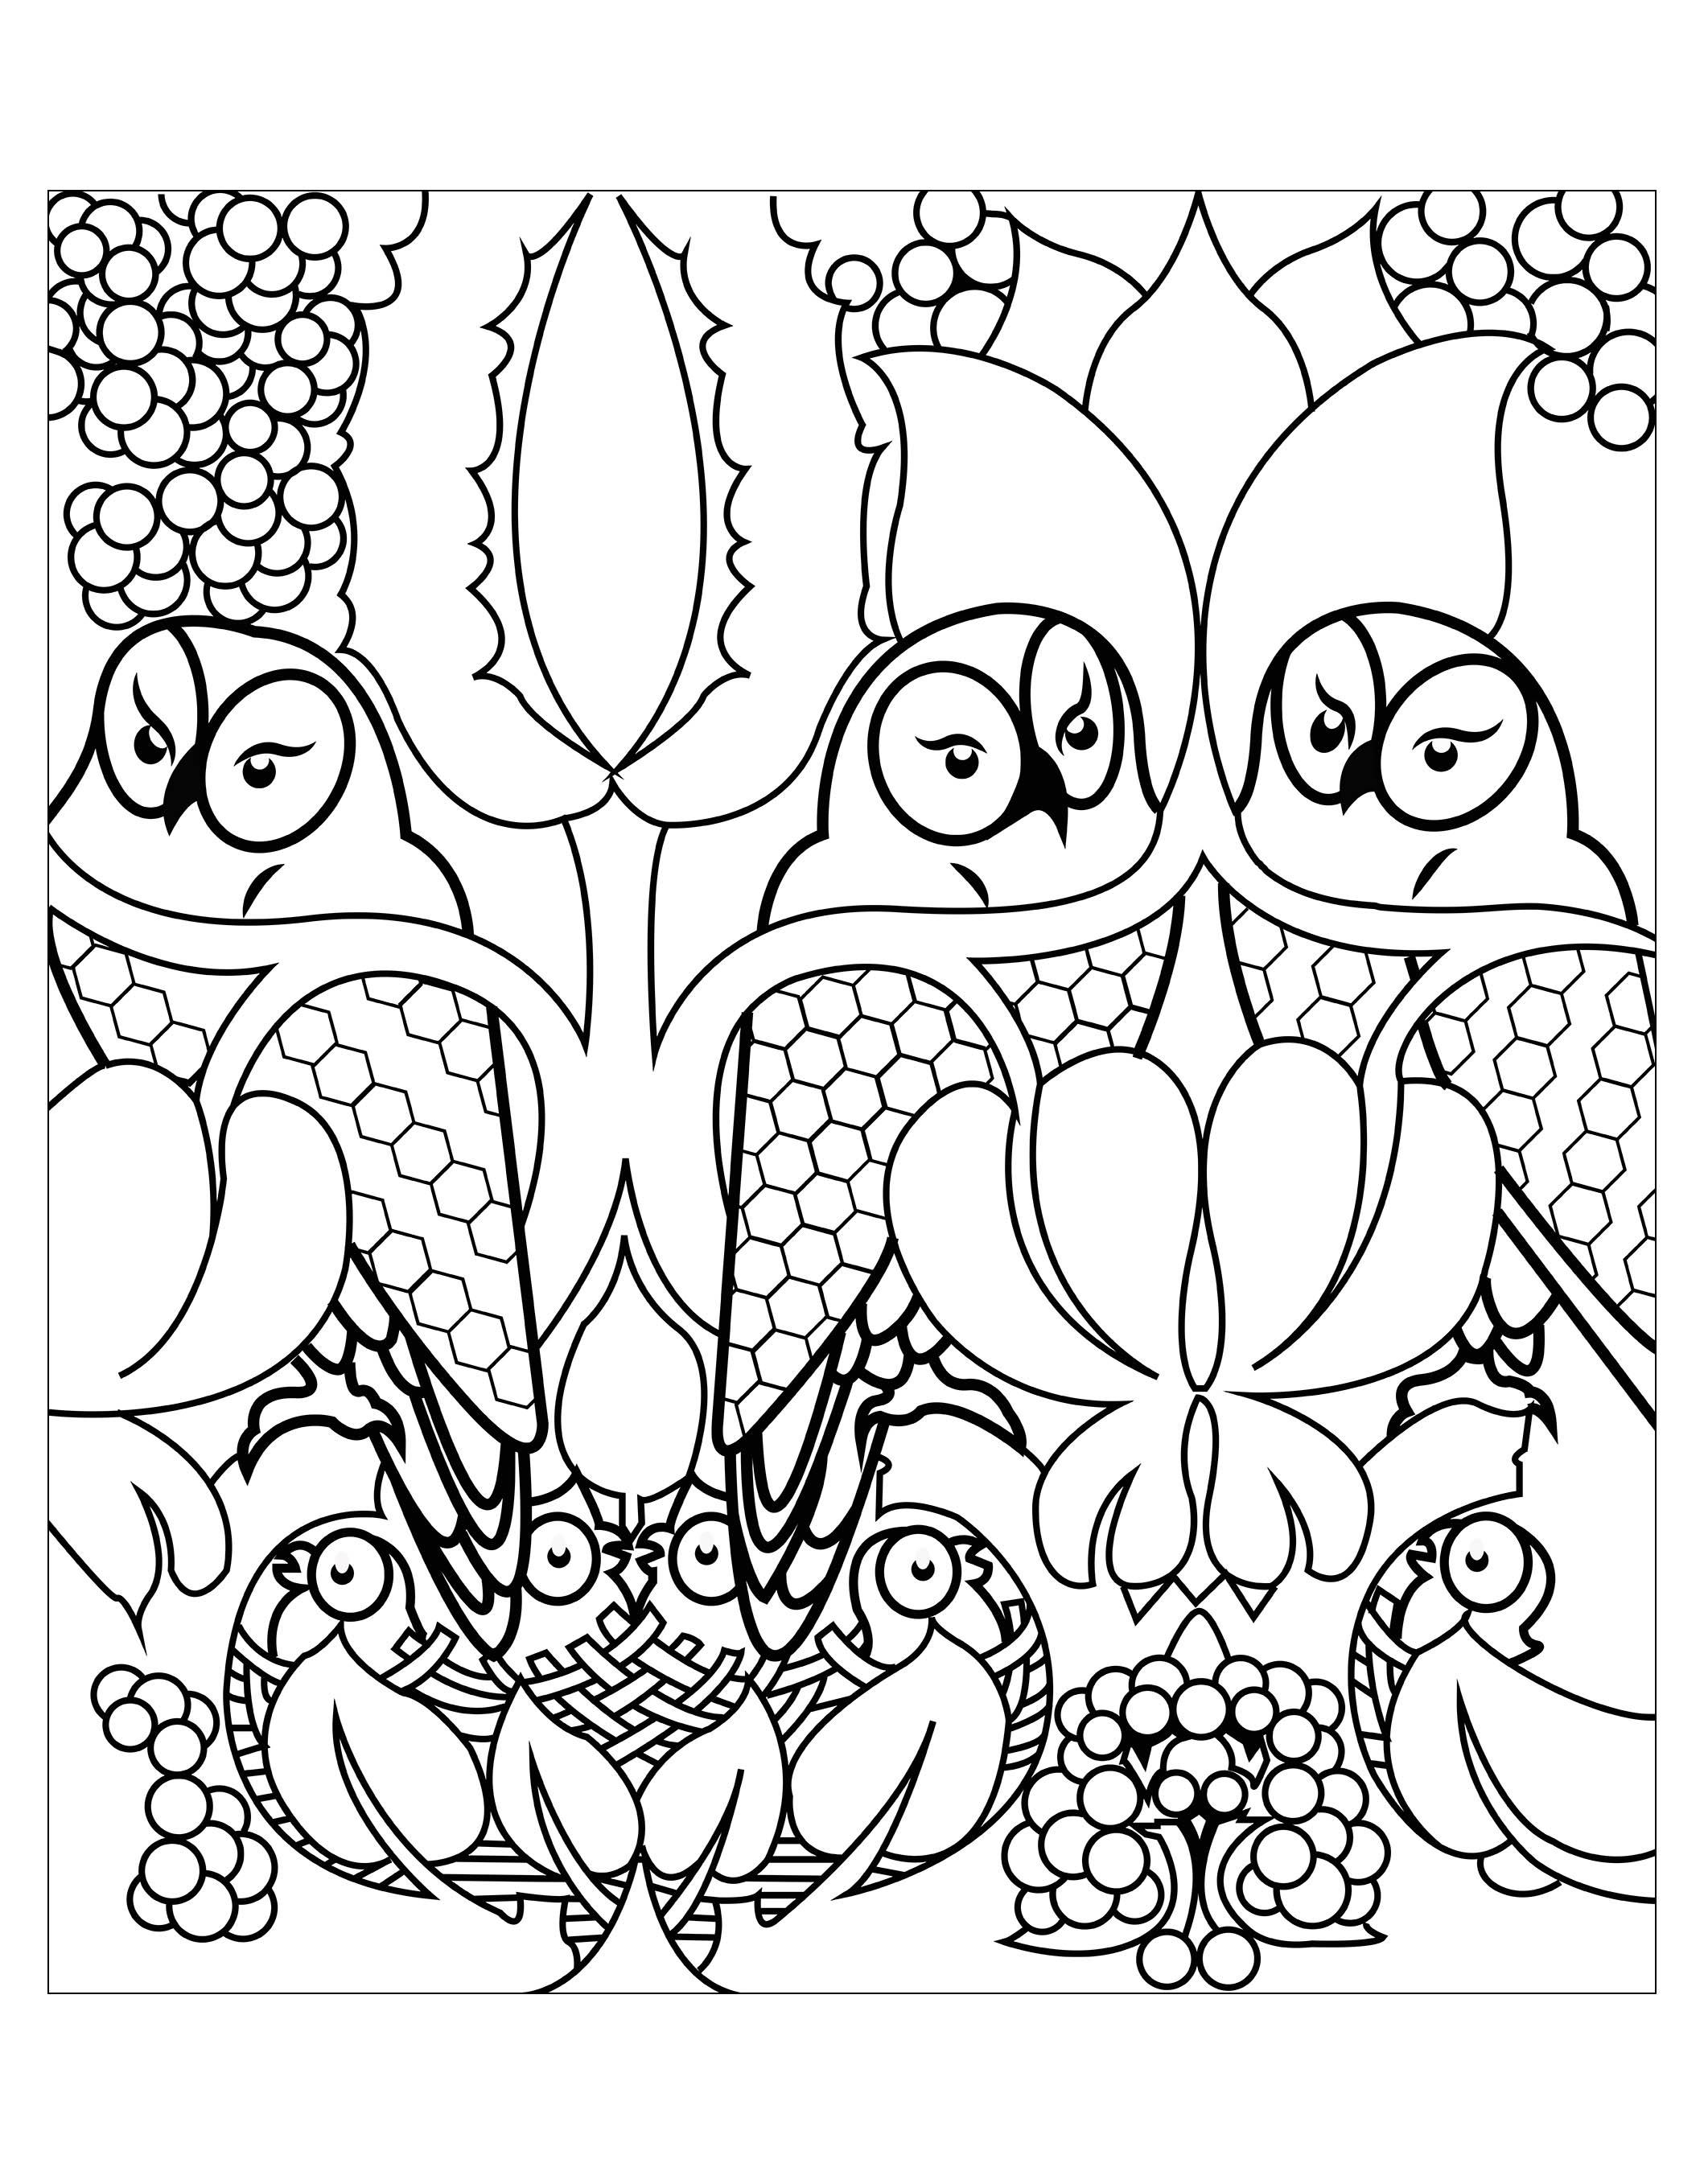 Colorear para adultos  : Búhos - 1